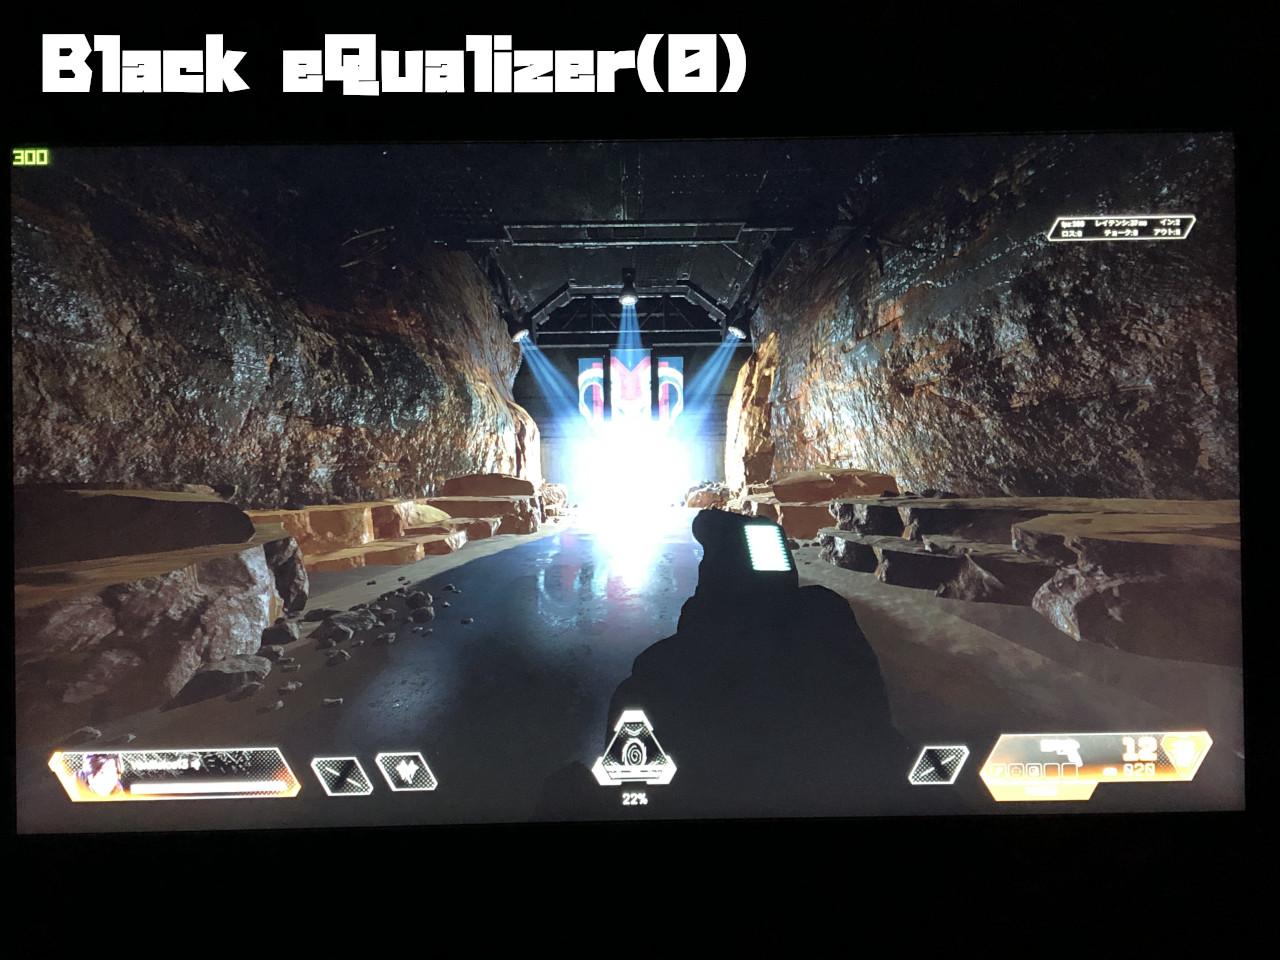 Black eQualizer(0)